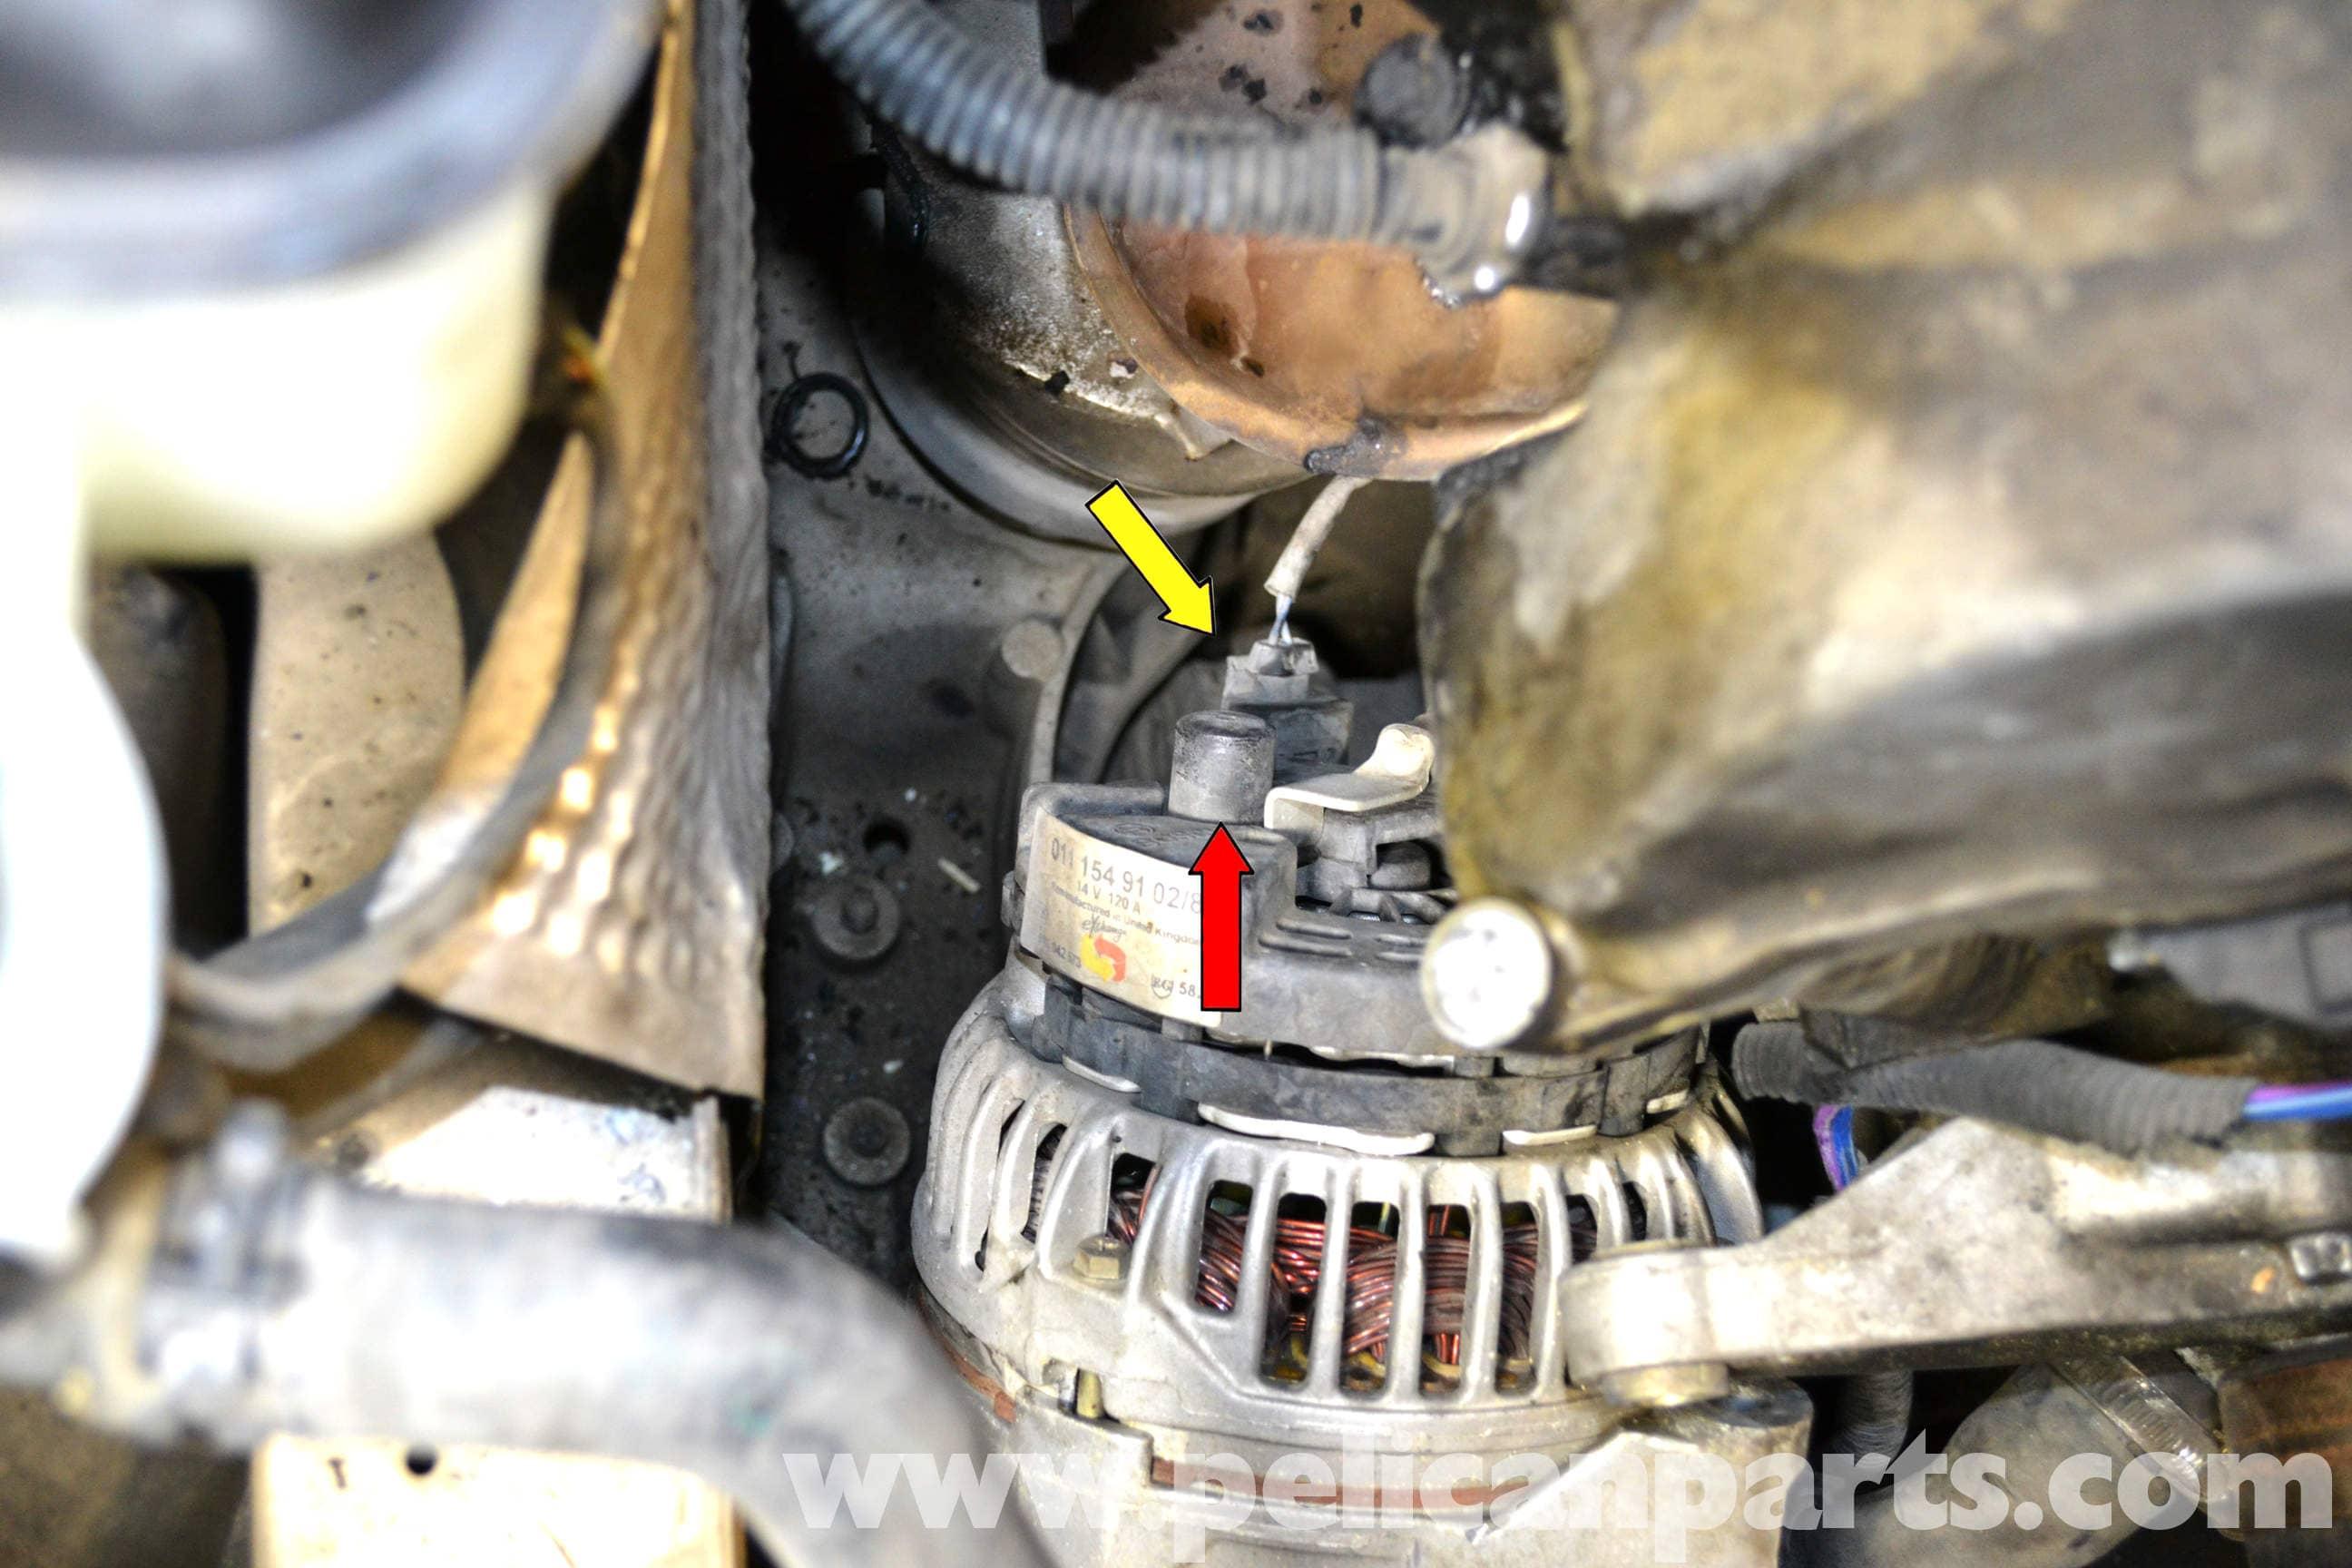 1955 2nd series chevy truck wiring diagram mercedes benz w203 alternator replacement  2001 2007  mercedes benz w203 alternator replacement  2001 2007